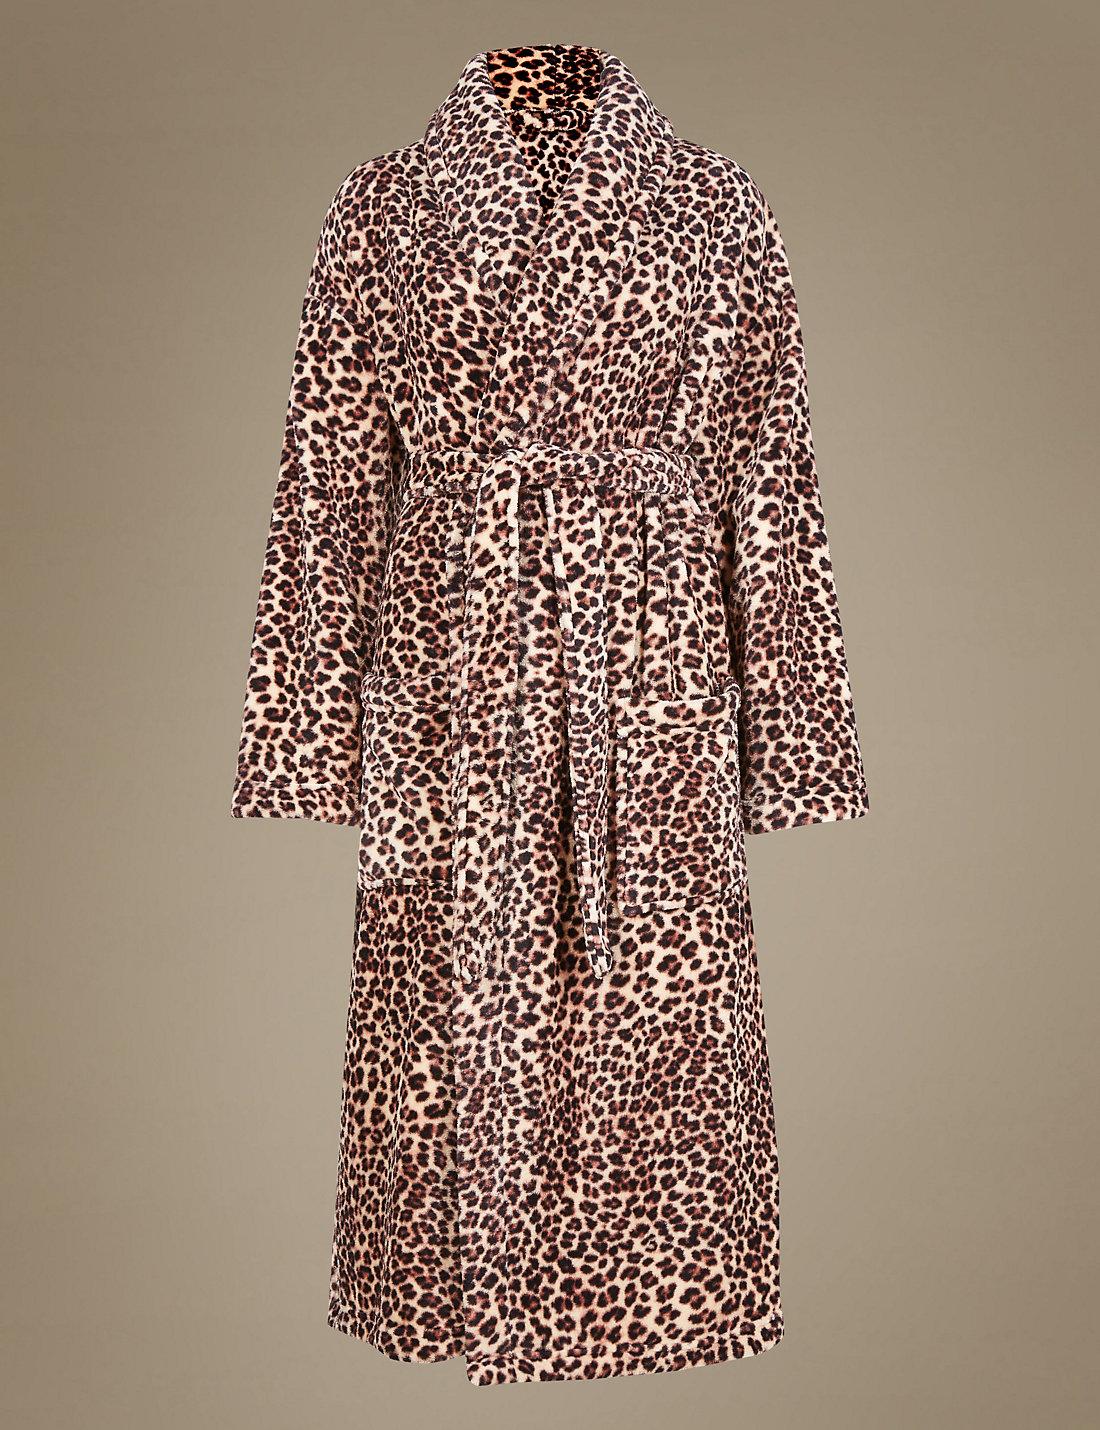 Leopard Skin Dressing Gown - Leopard Image HD